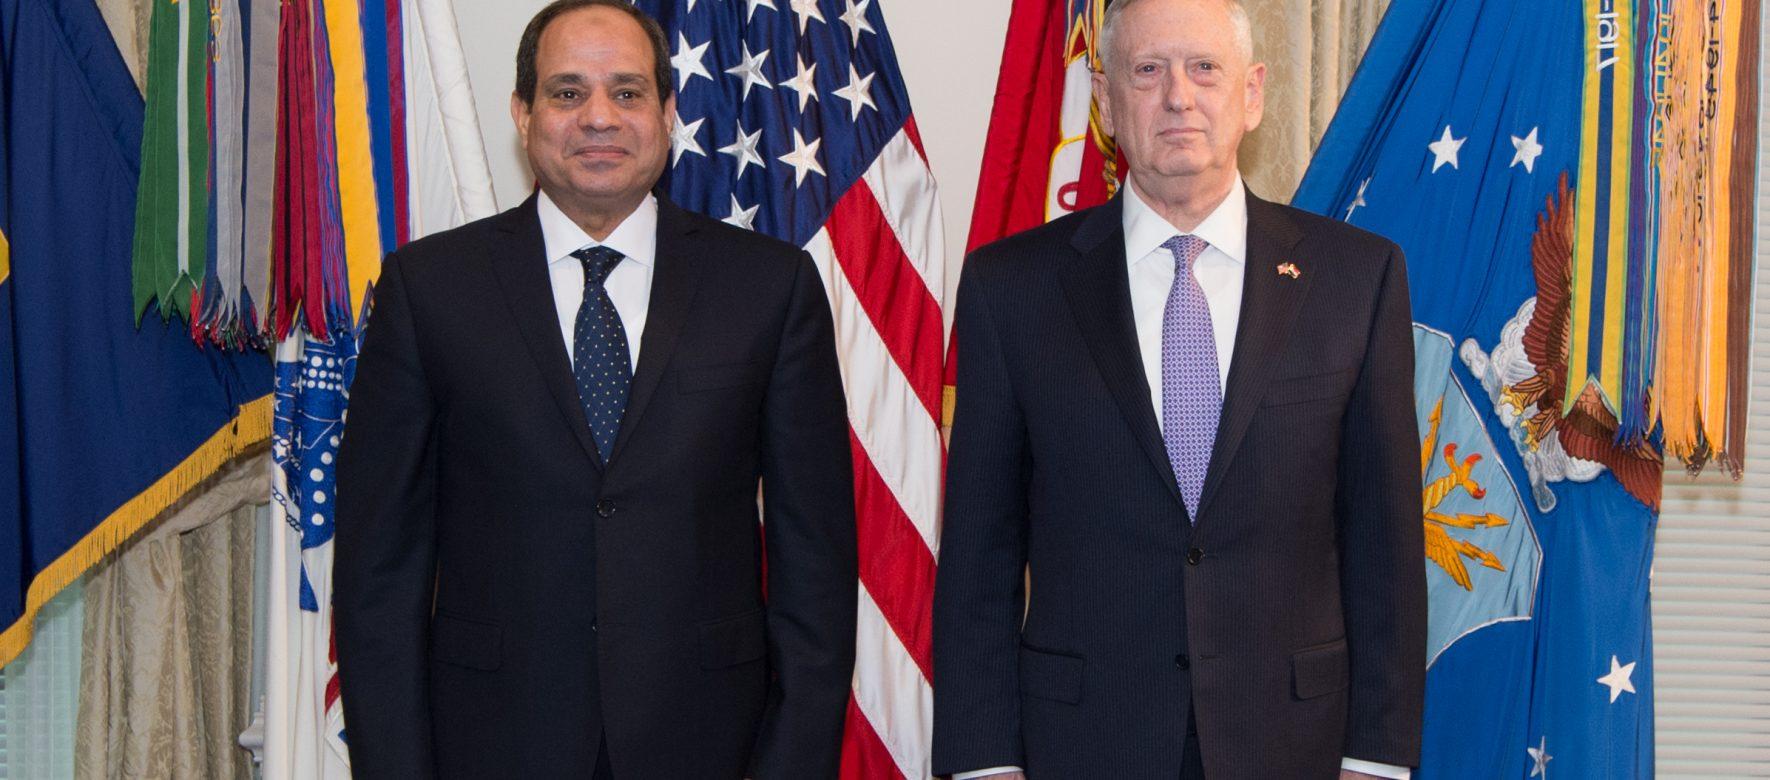 L'économie égyptienne prise en otage par le terrorisme ?